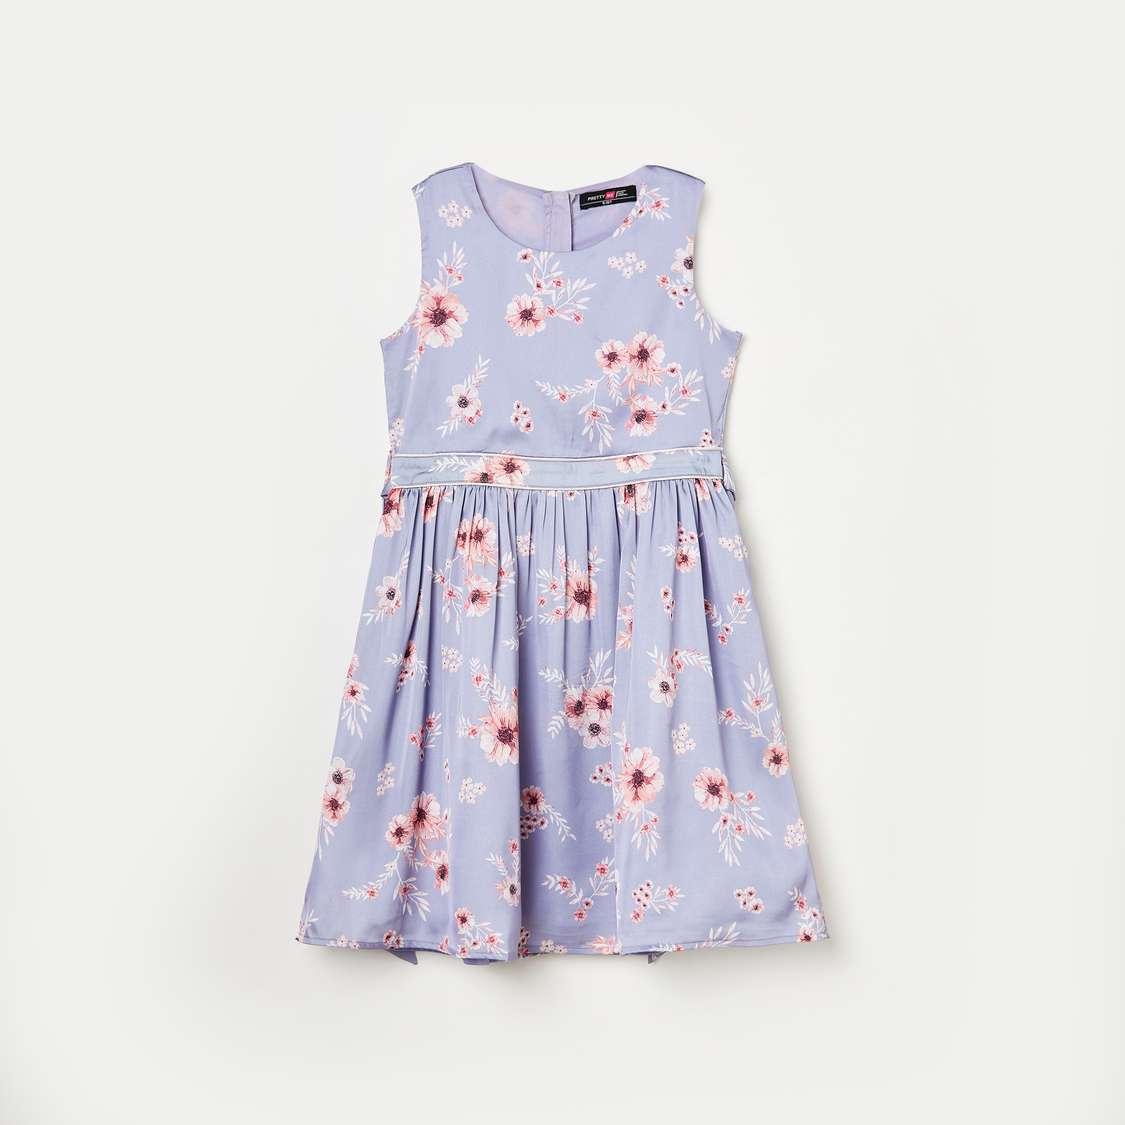 3.PRETTY ME Girls Floral Print Dress